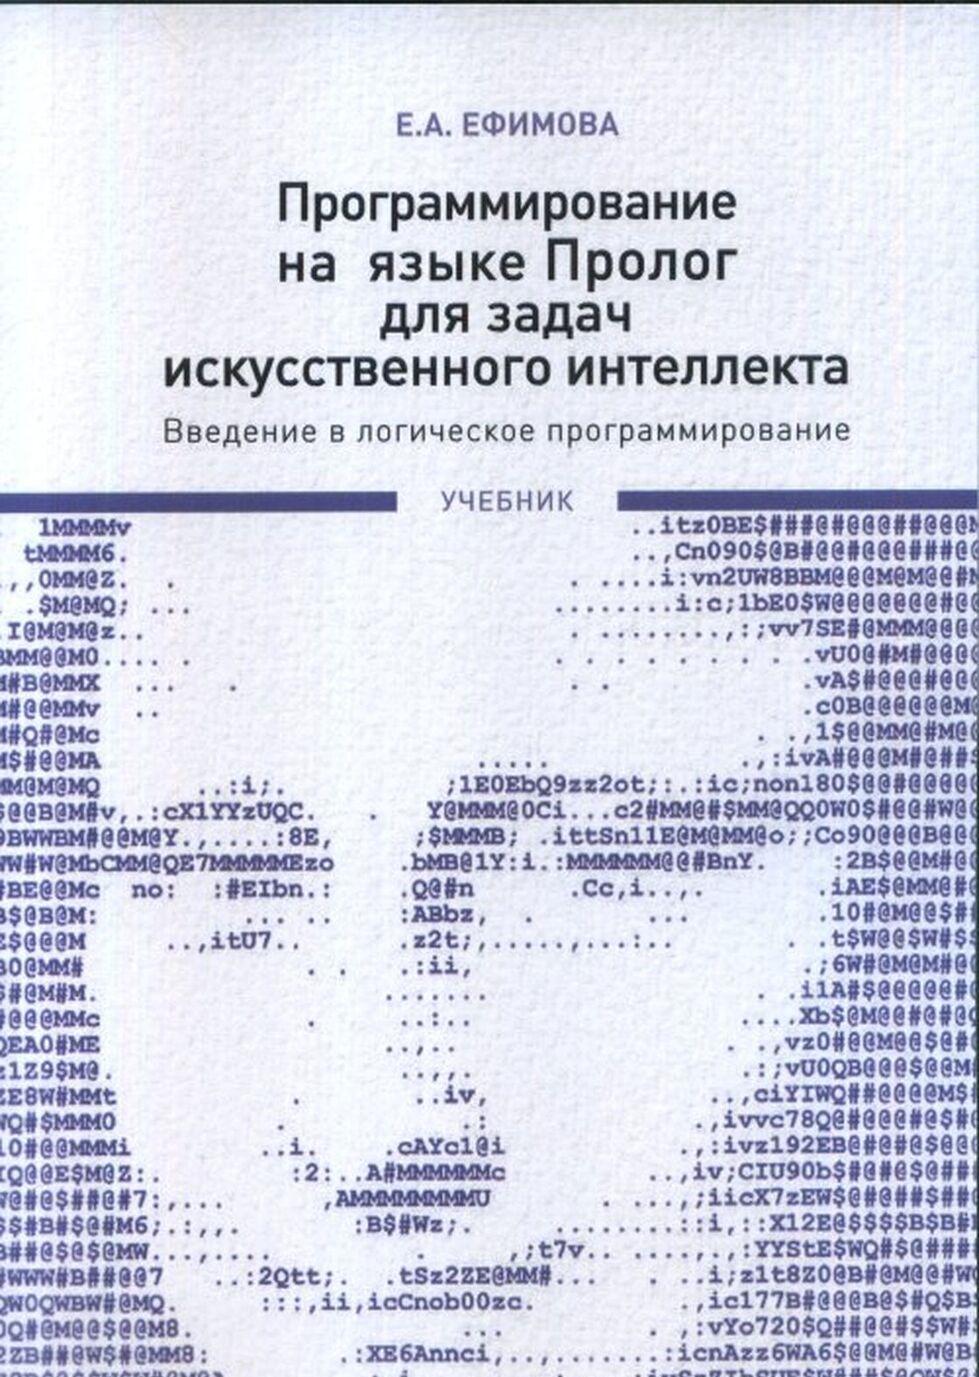 Programmirovanie na jazyke Prolog dlja zadach iskusstvennogo intellekta. Vvedenie v logicheskoe programmirovanie. Uchebnik | Efimova Elena Anatolevna